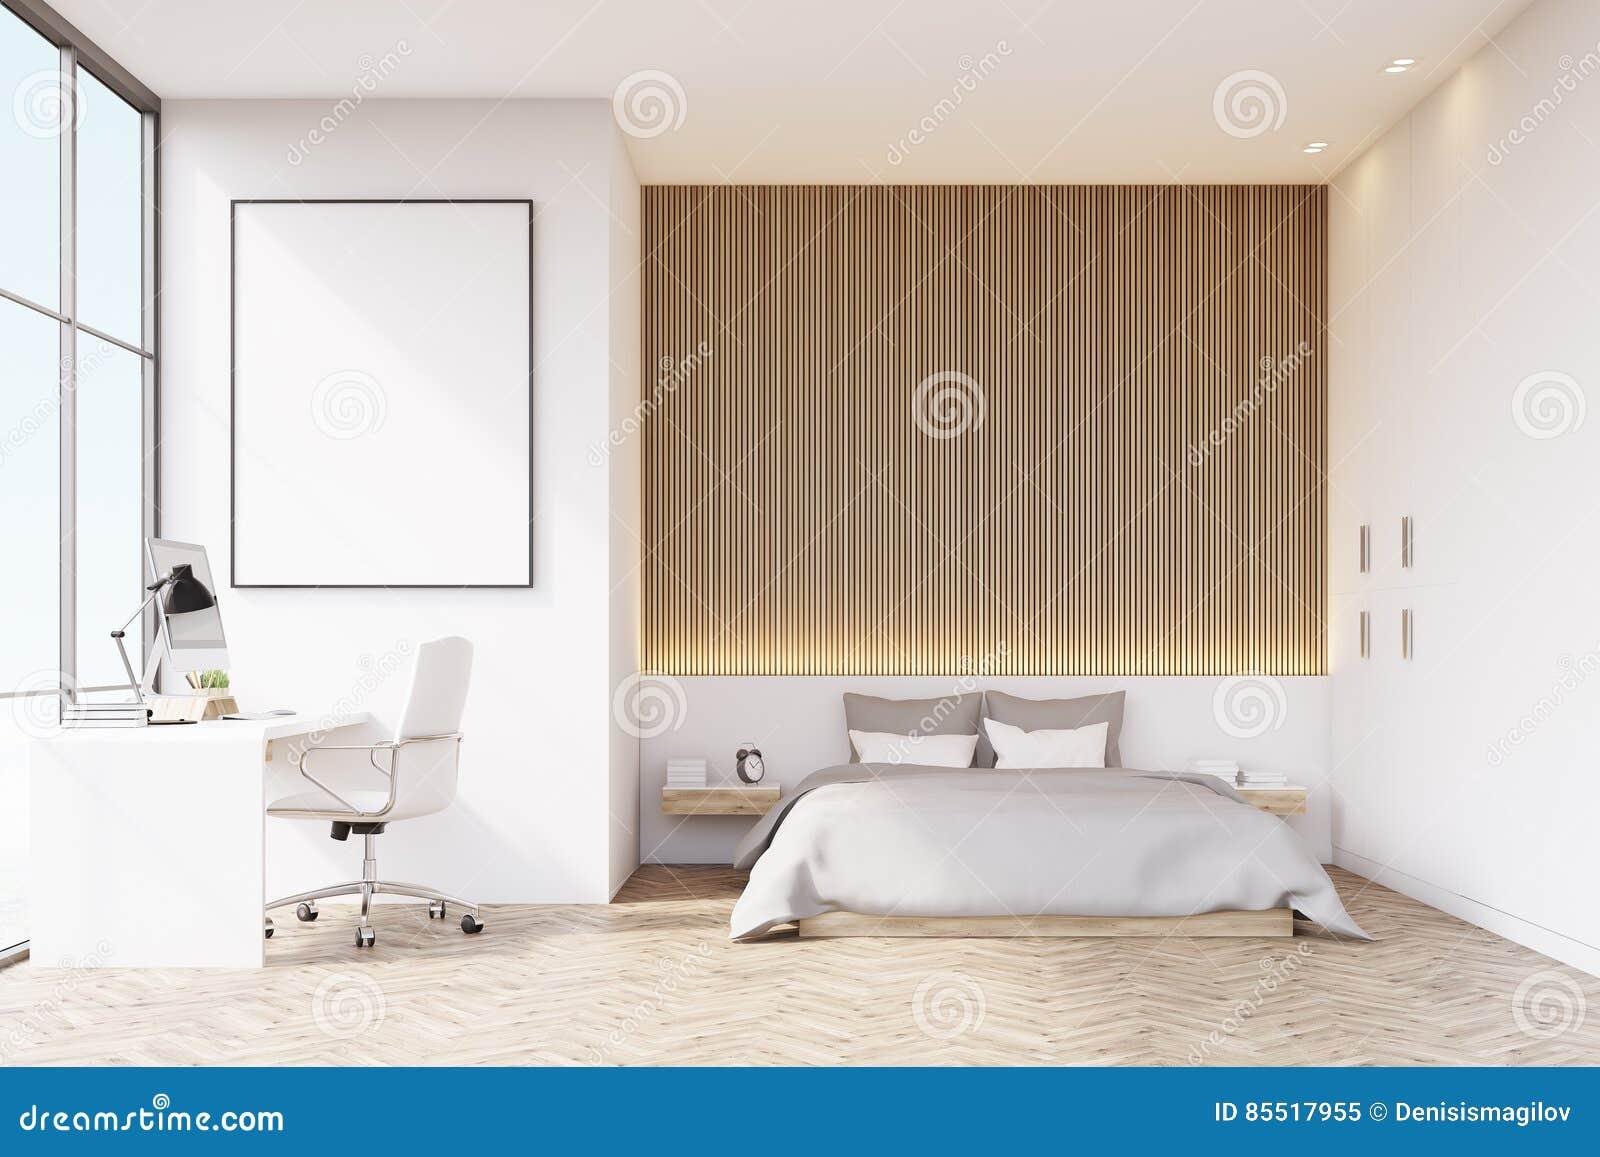 Houten Vloer Slaapkamer : Slaapkamer met houten vloer en lijst stock illustratie illustratie